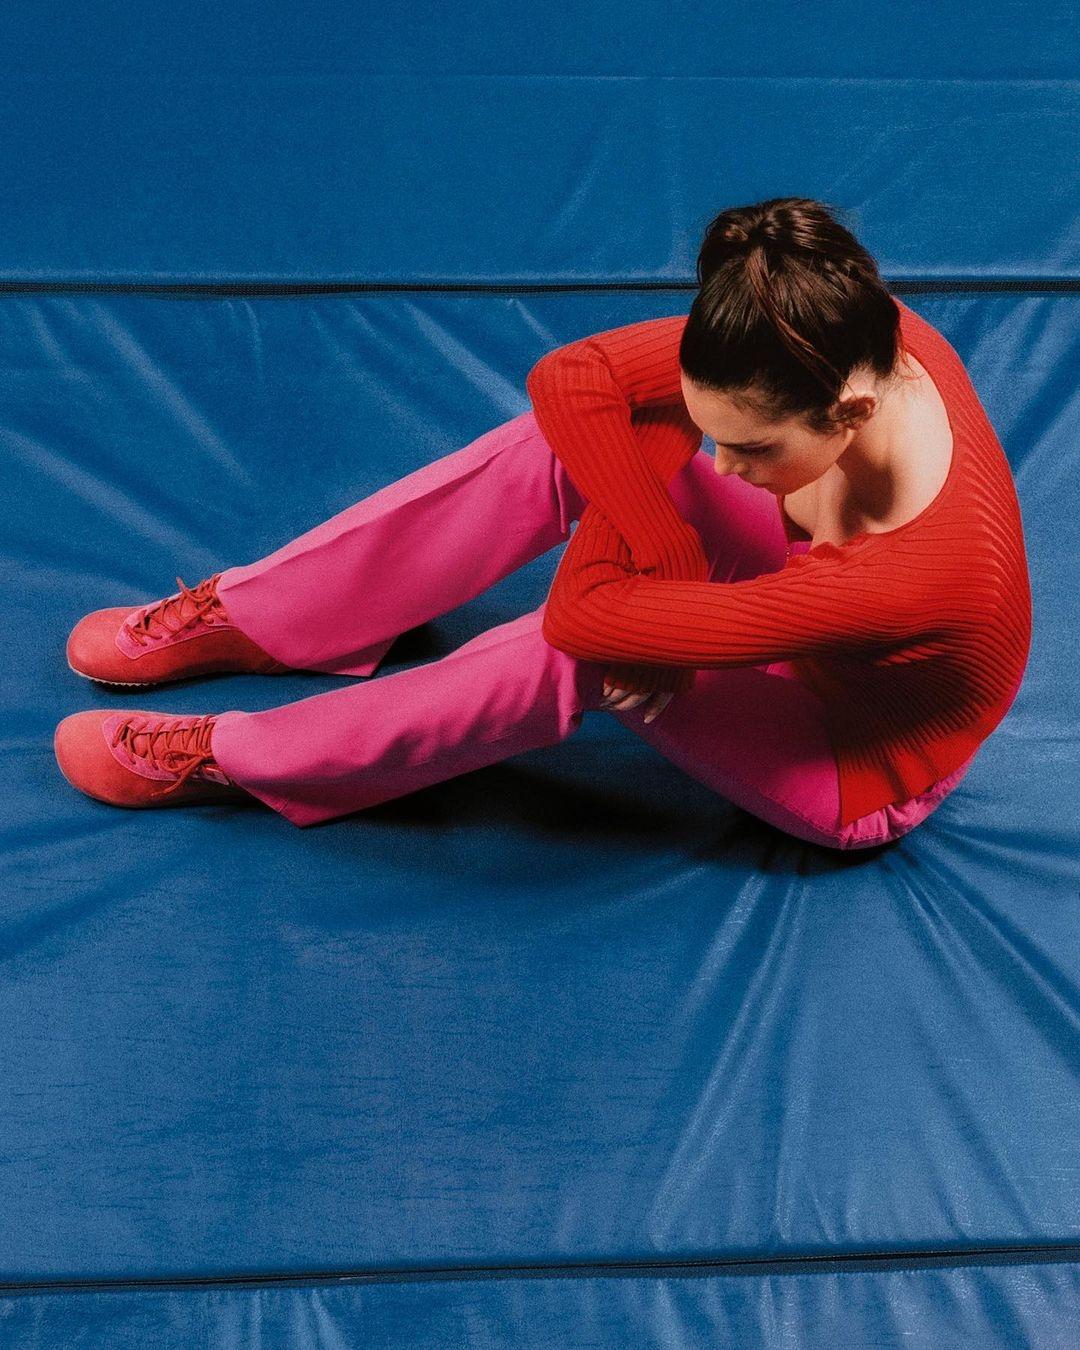 Без макияжа и фотошопа: Кендалл Дженнер снялась в новой кампании Jacquemus (ФОТО) - фото №3